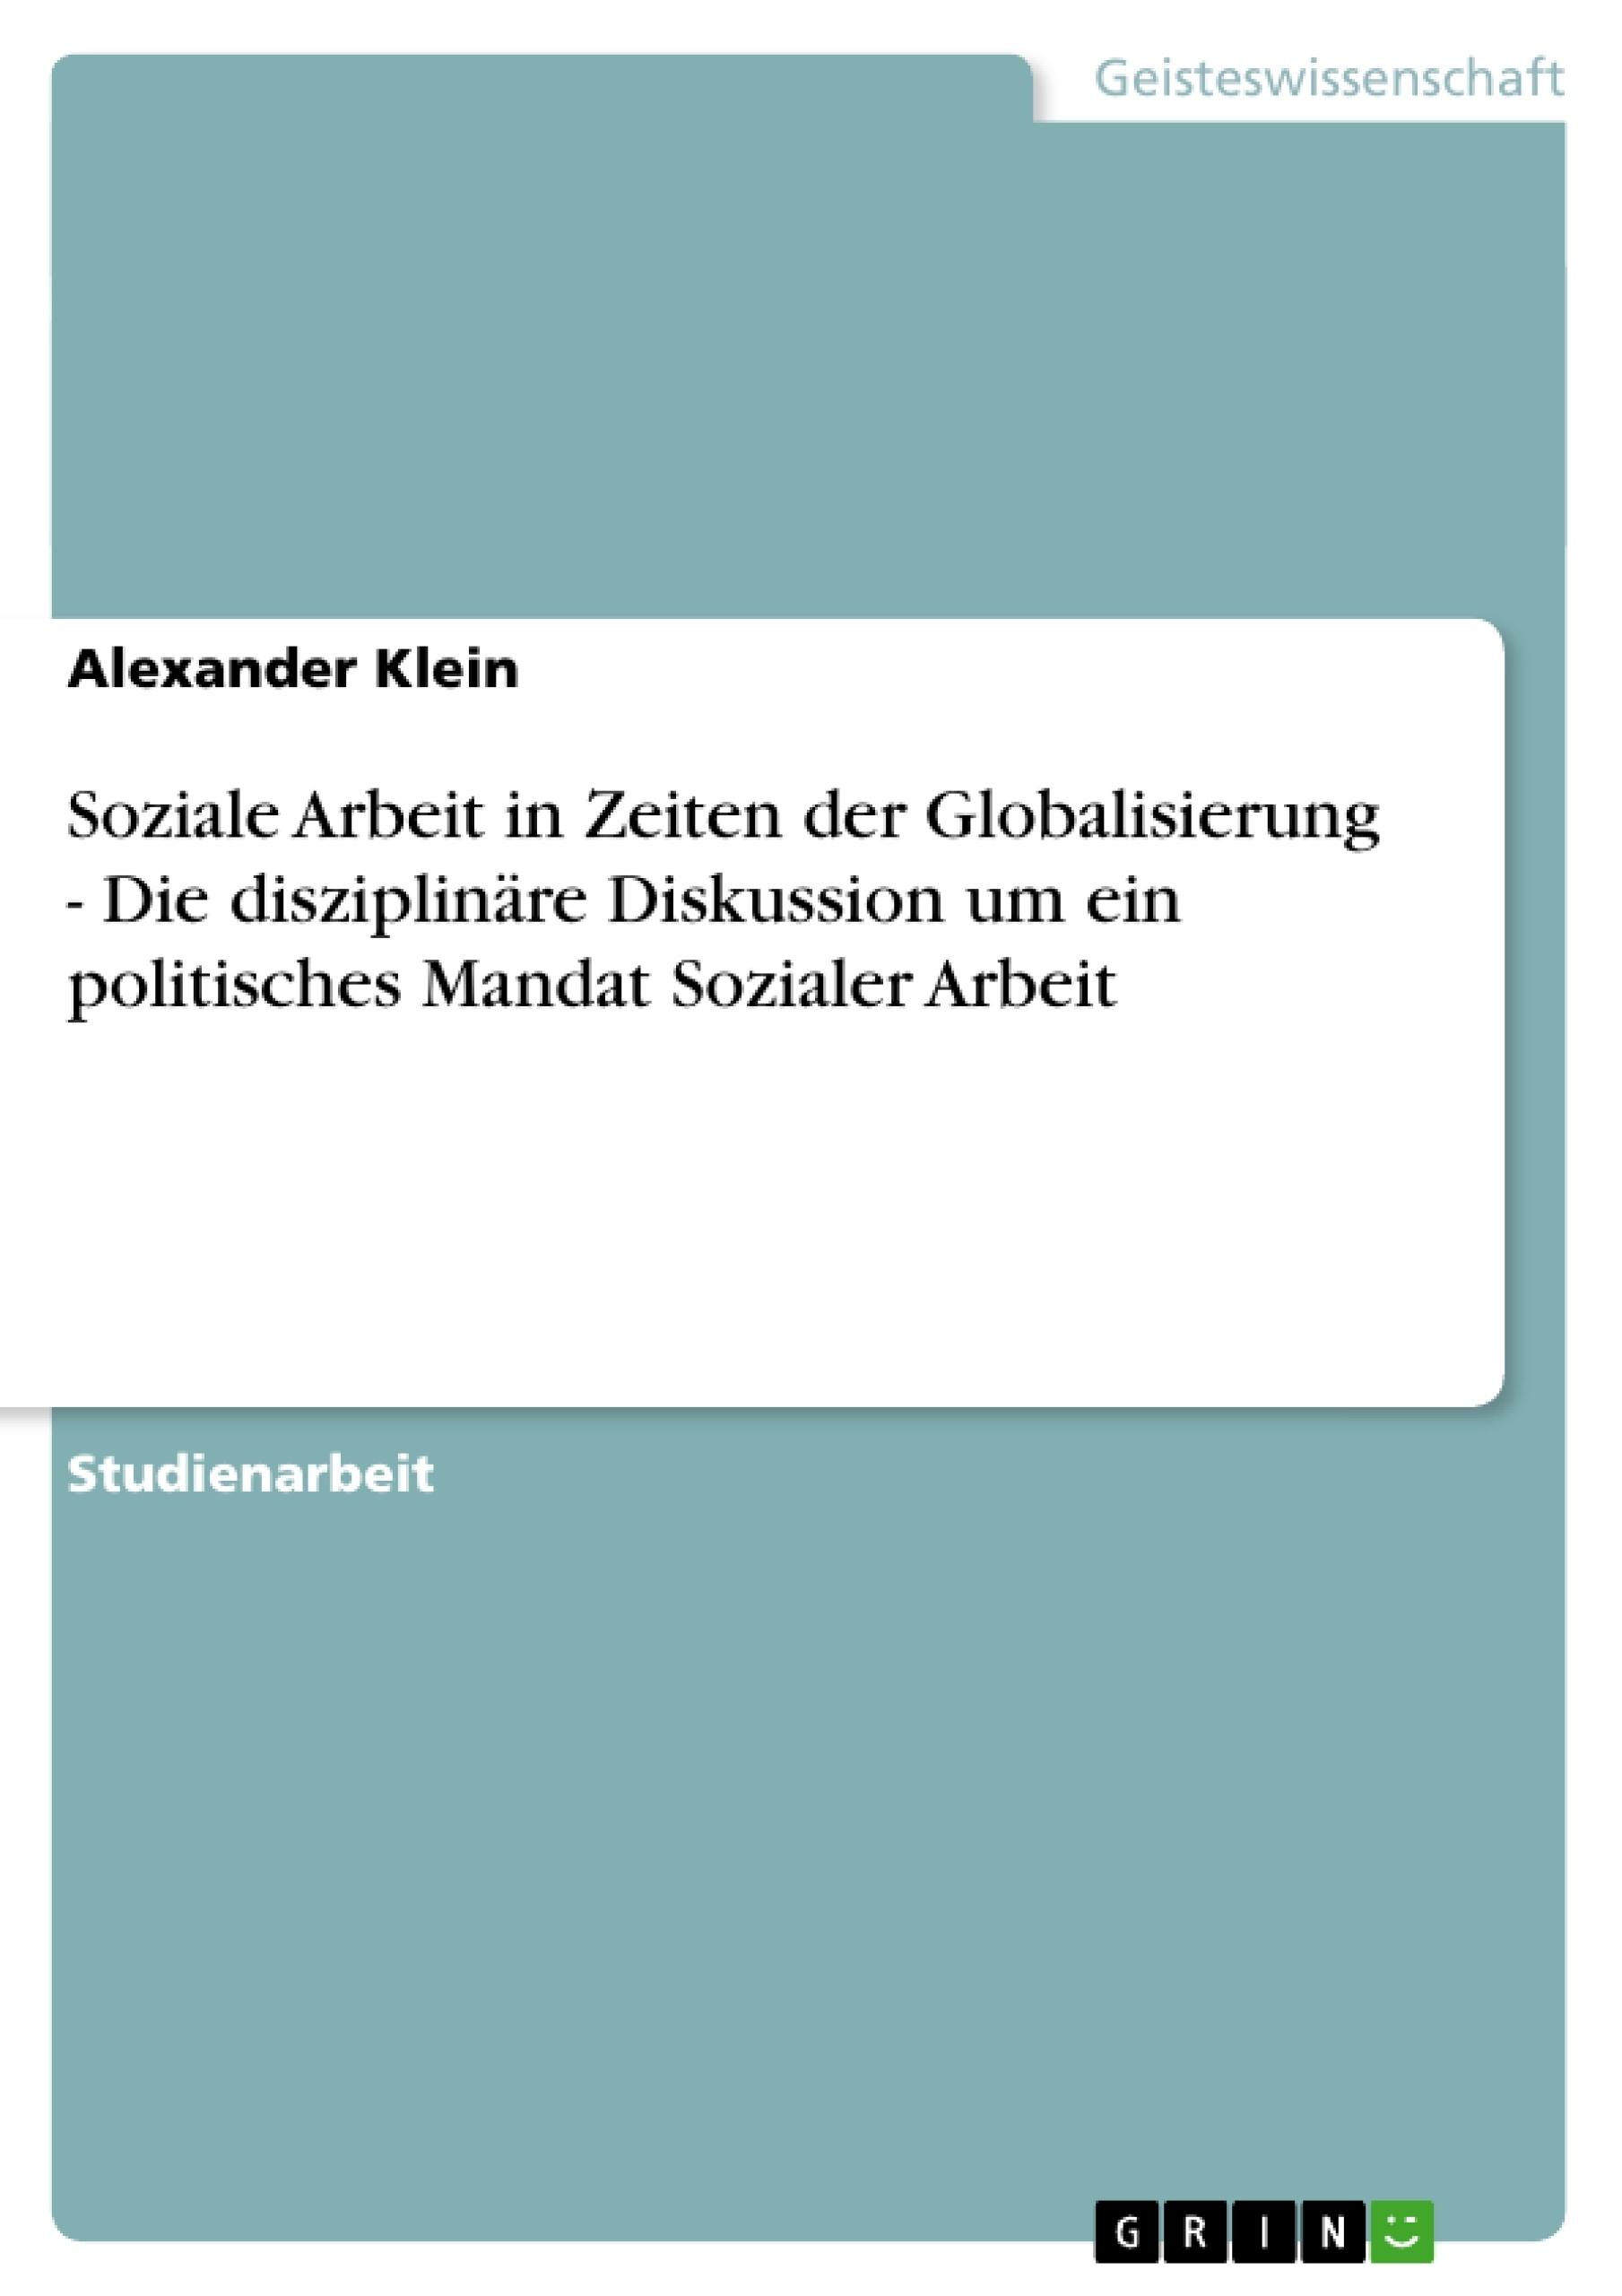 Titel: Soziale Arbeit in Zeiten der Globalisierung - Die disziplinäre Diskussion um ein politisches Mandat Sozialer Arbeit